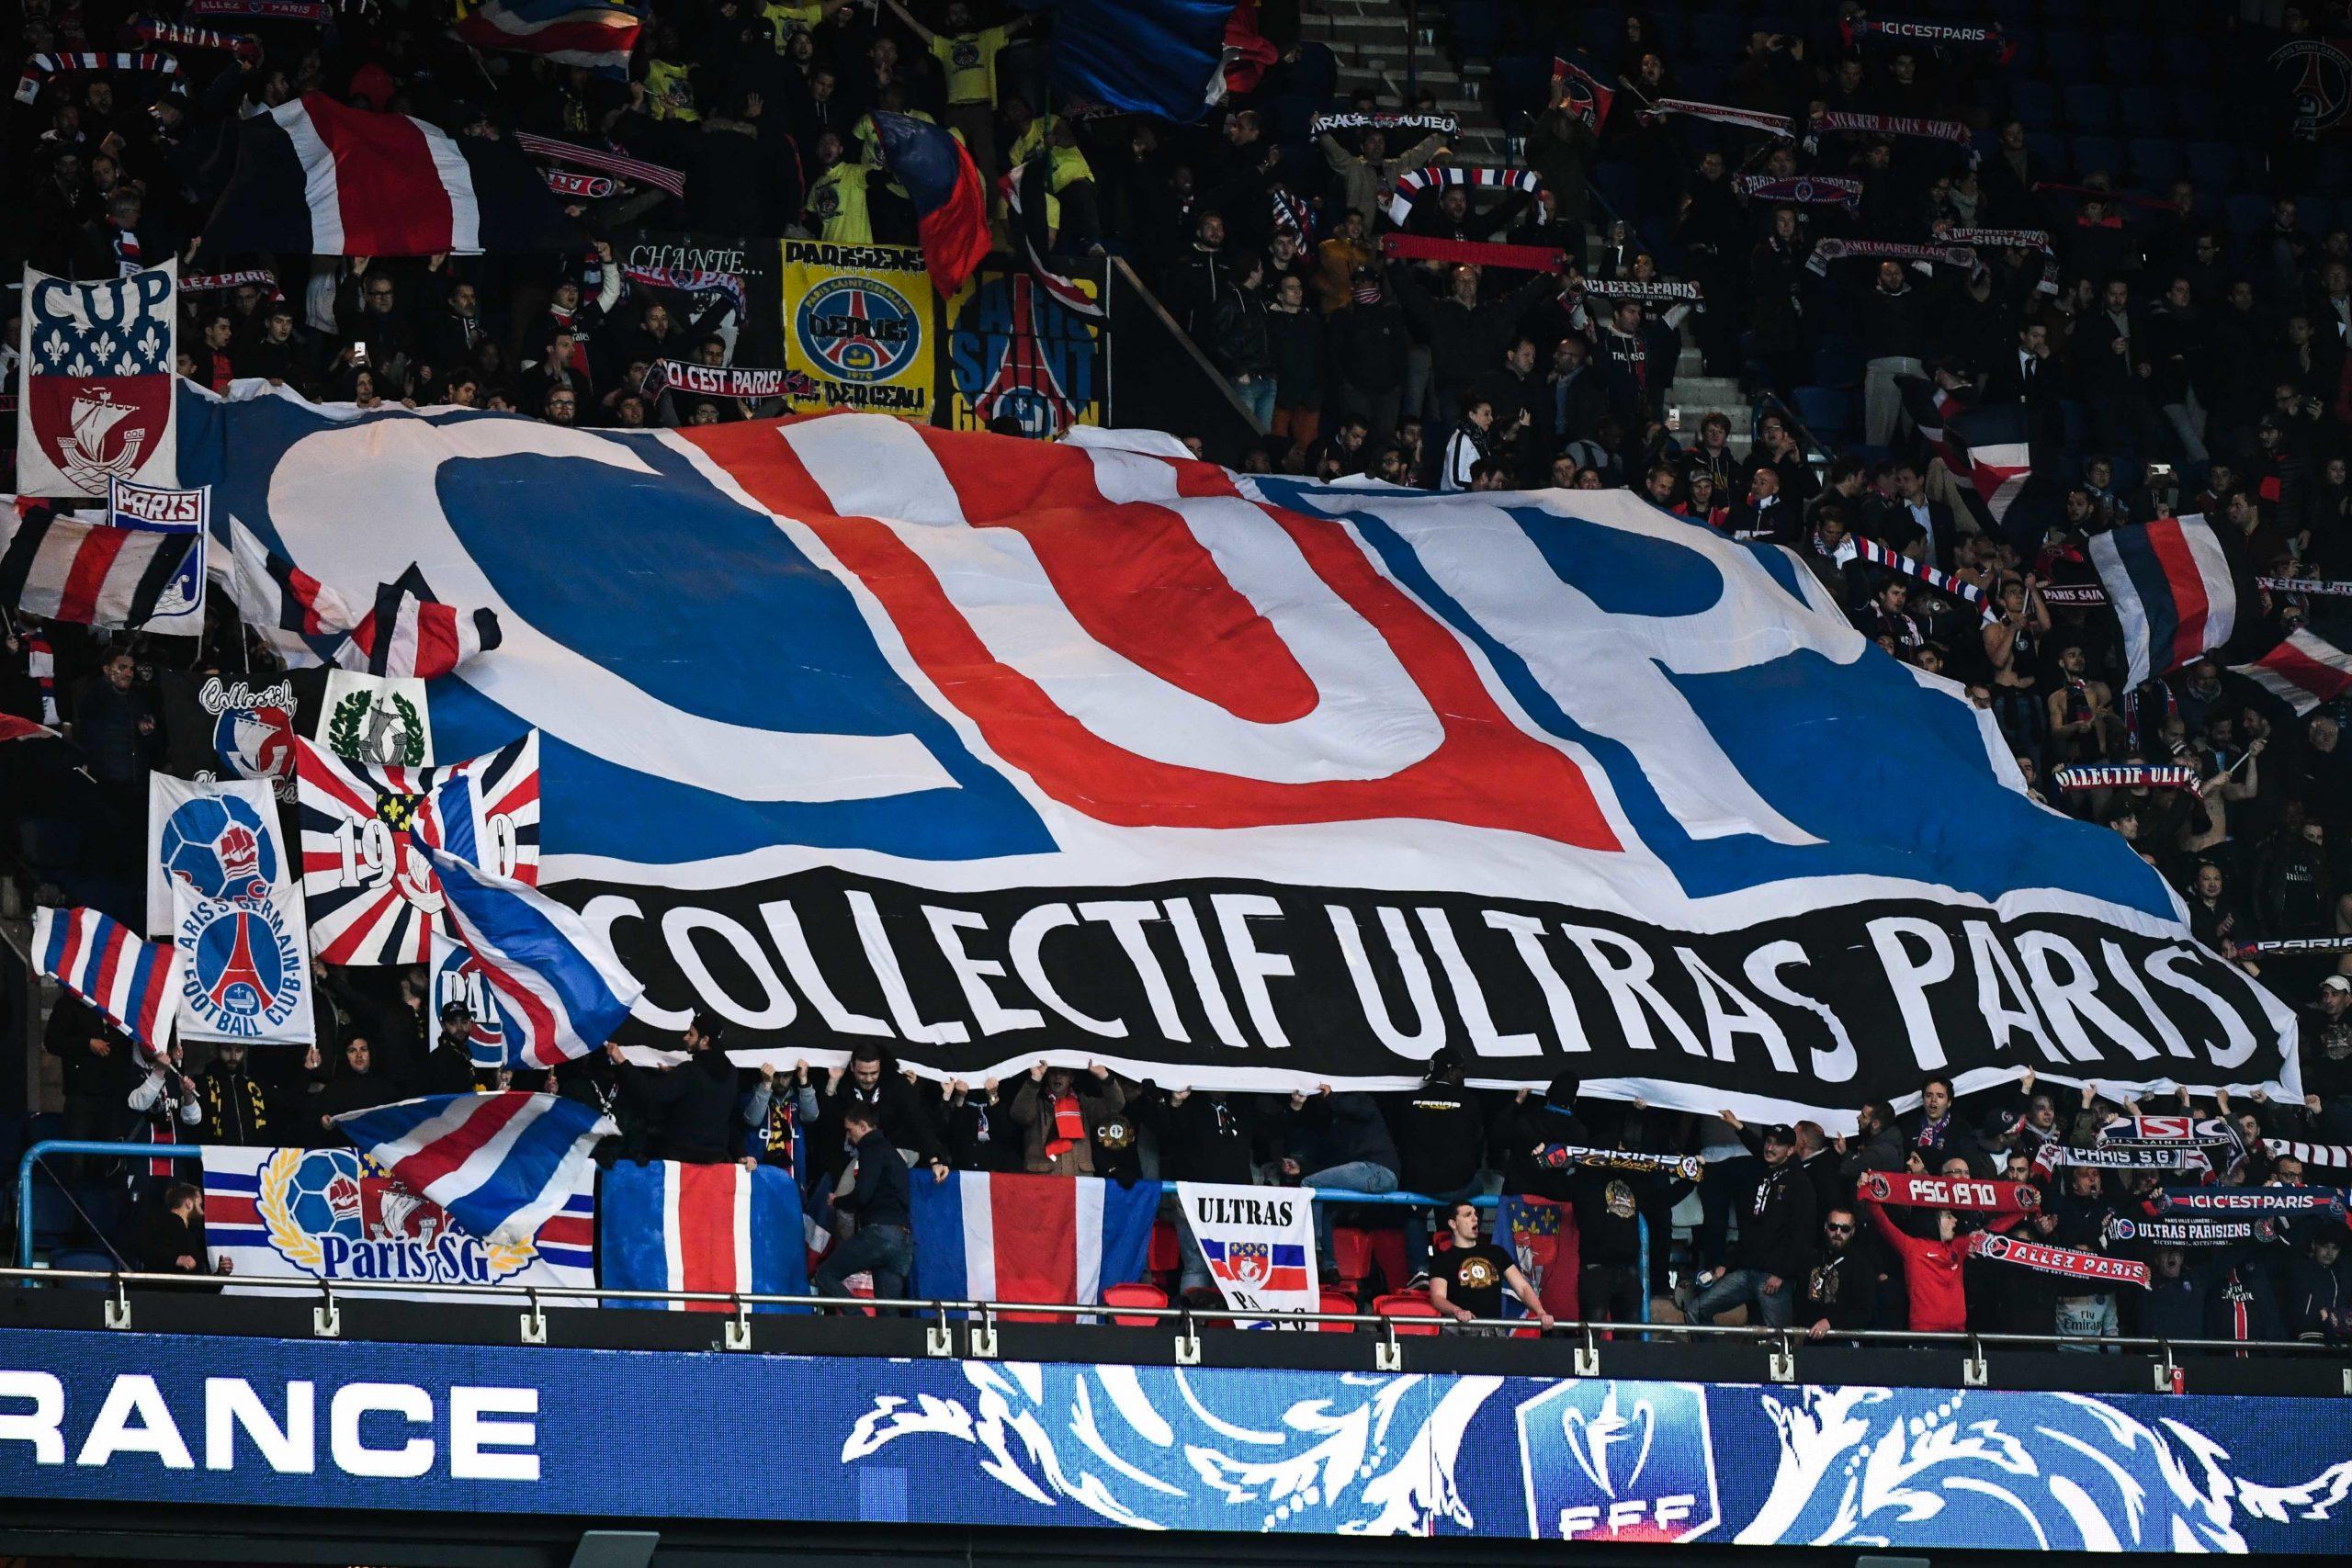 """PSG/Dortmund - Le Collectif Ultras Paris a """"imaginé plein de trucs"""" pour encourager l'équipe"""